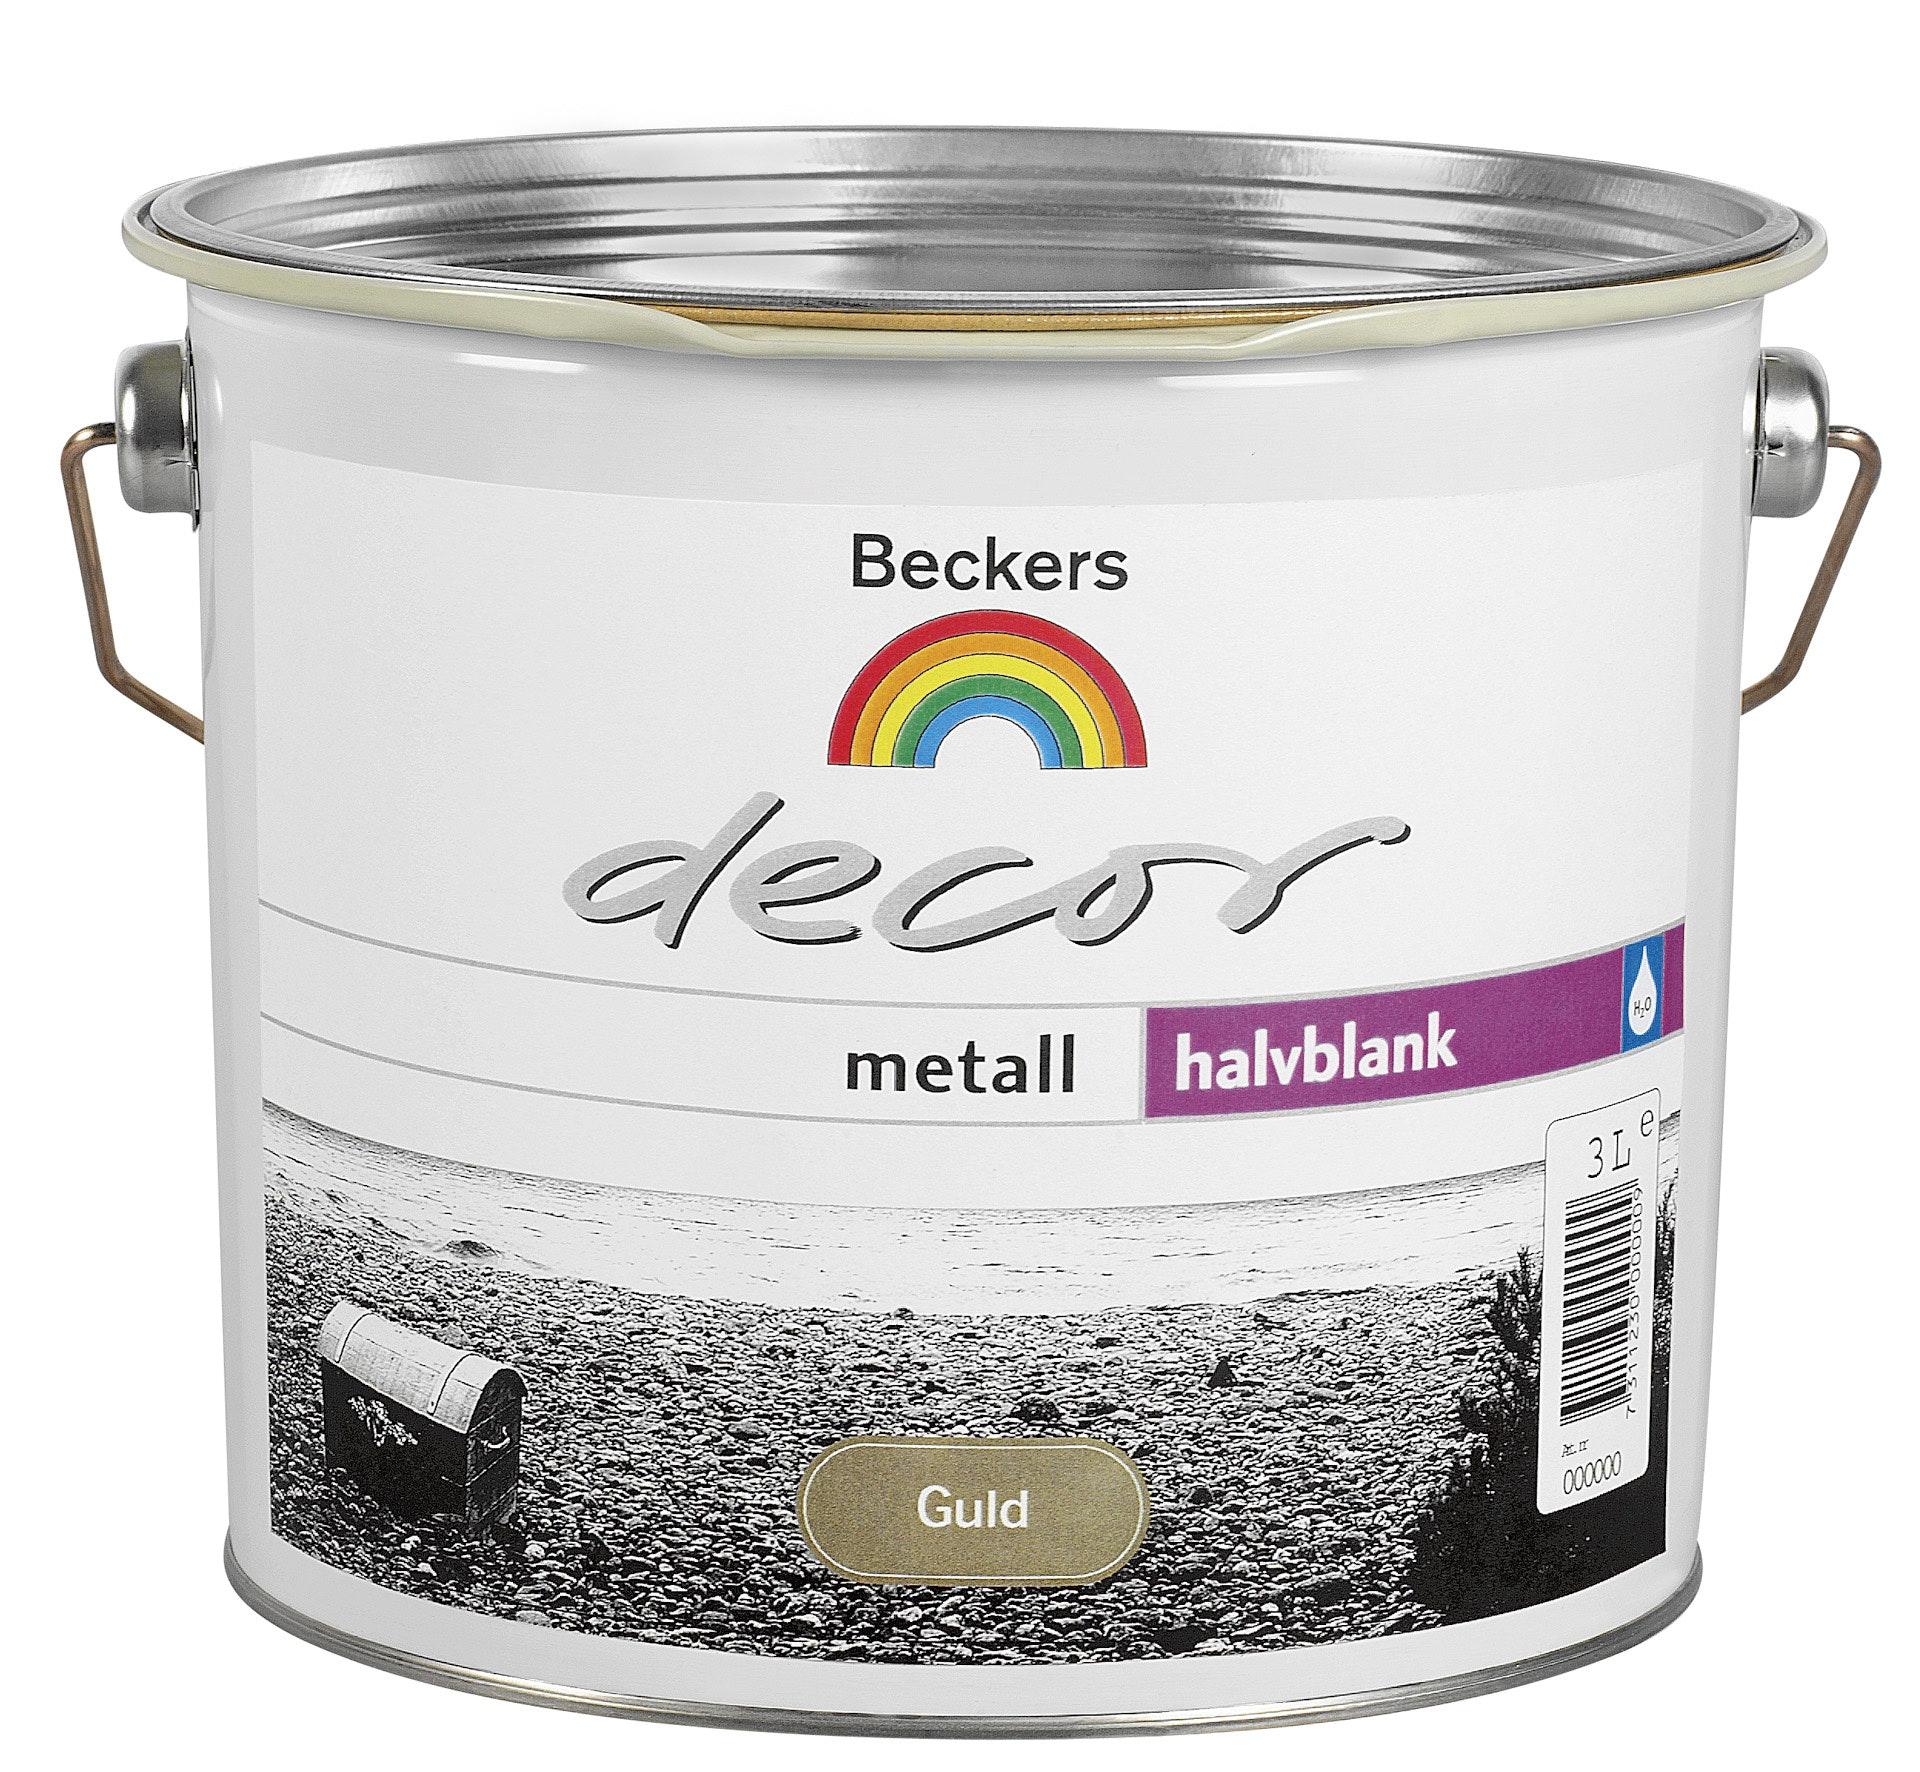 Grund- och Täckfärg Beckers Decor Metall Halvblank Guld 3l